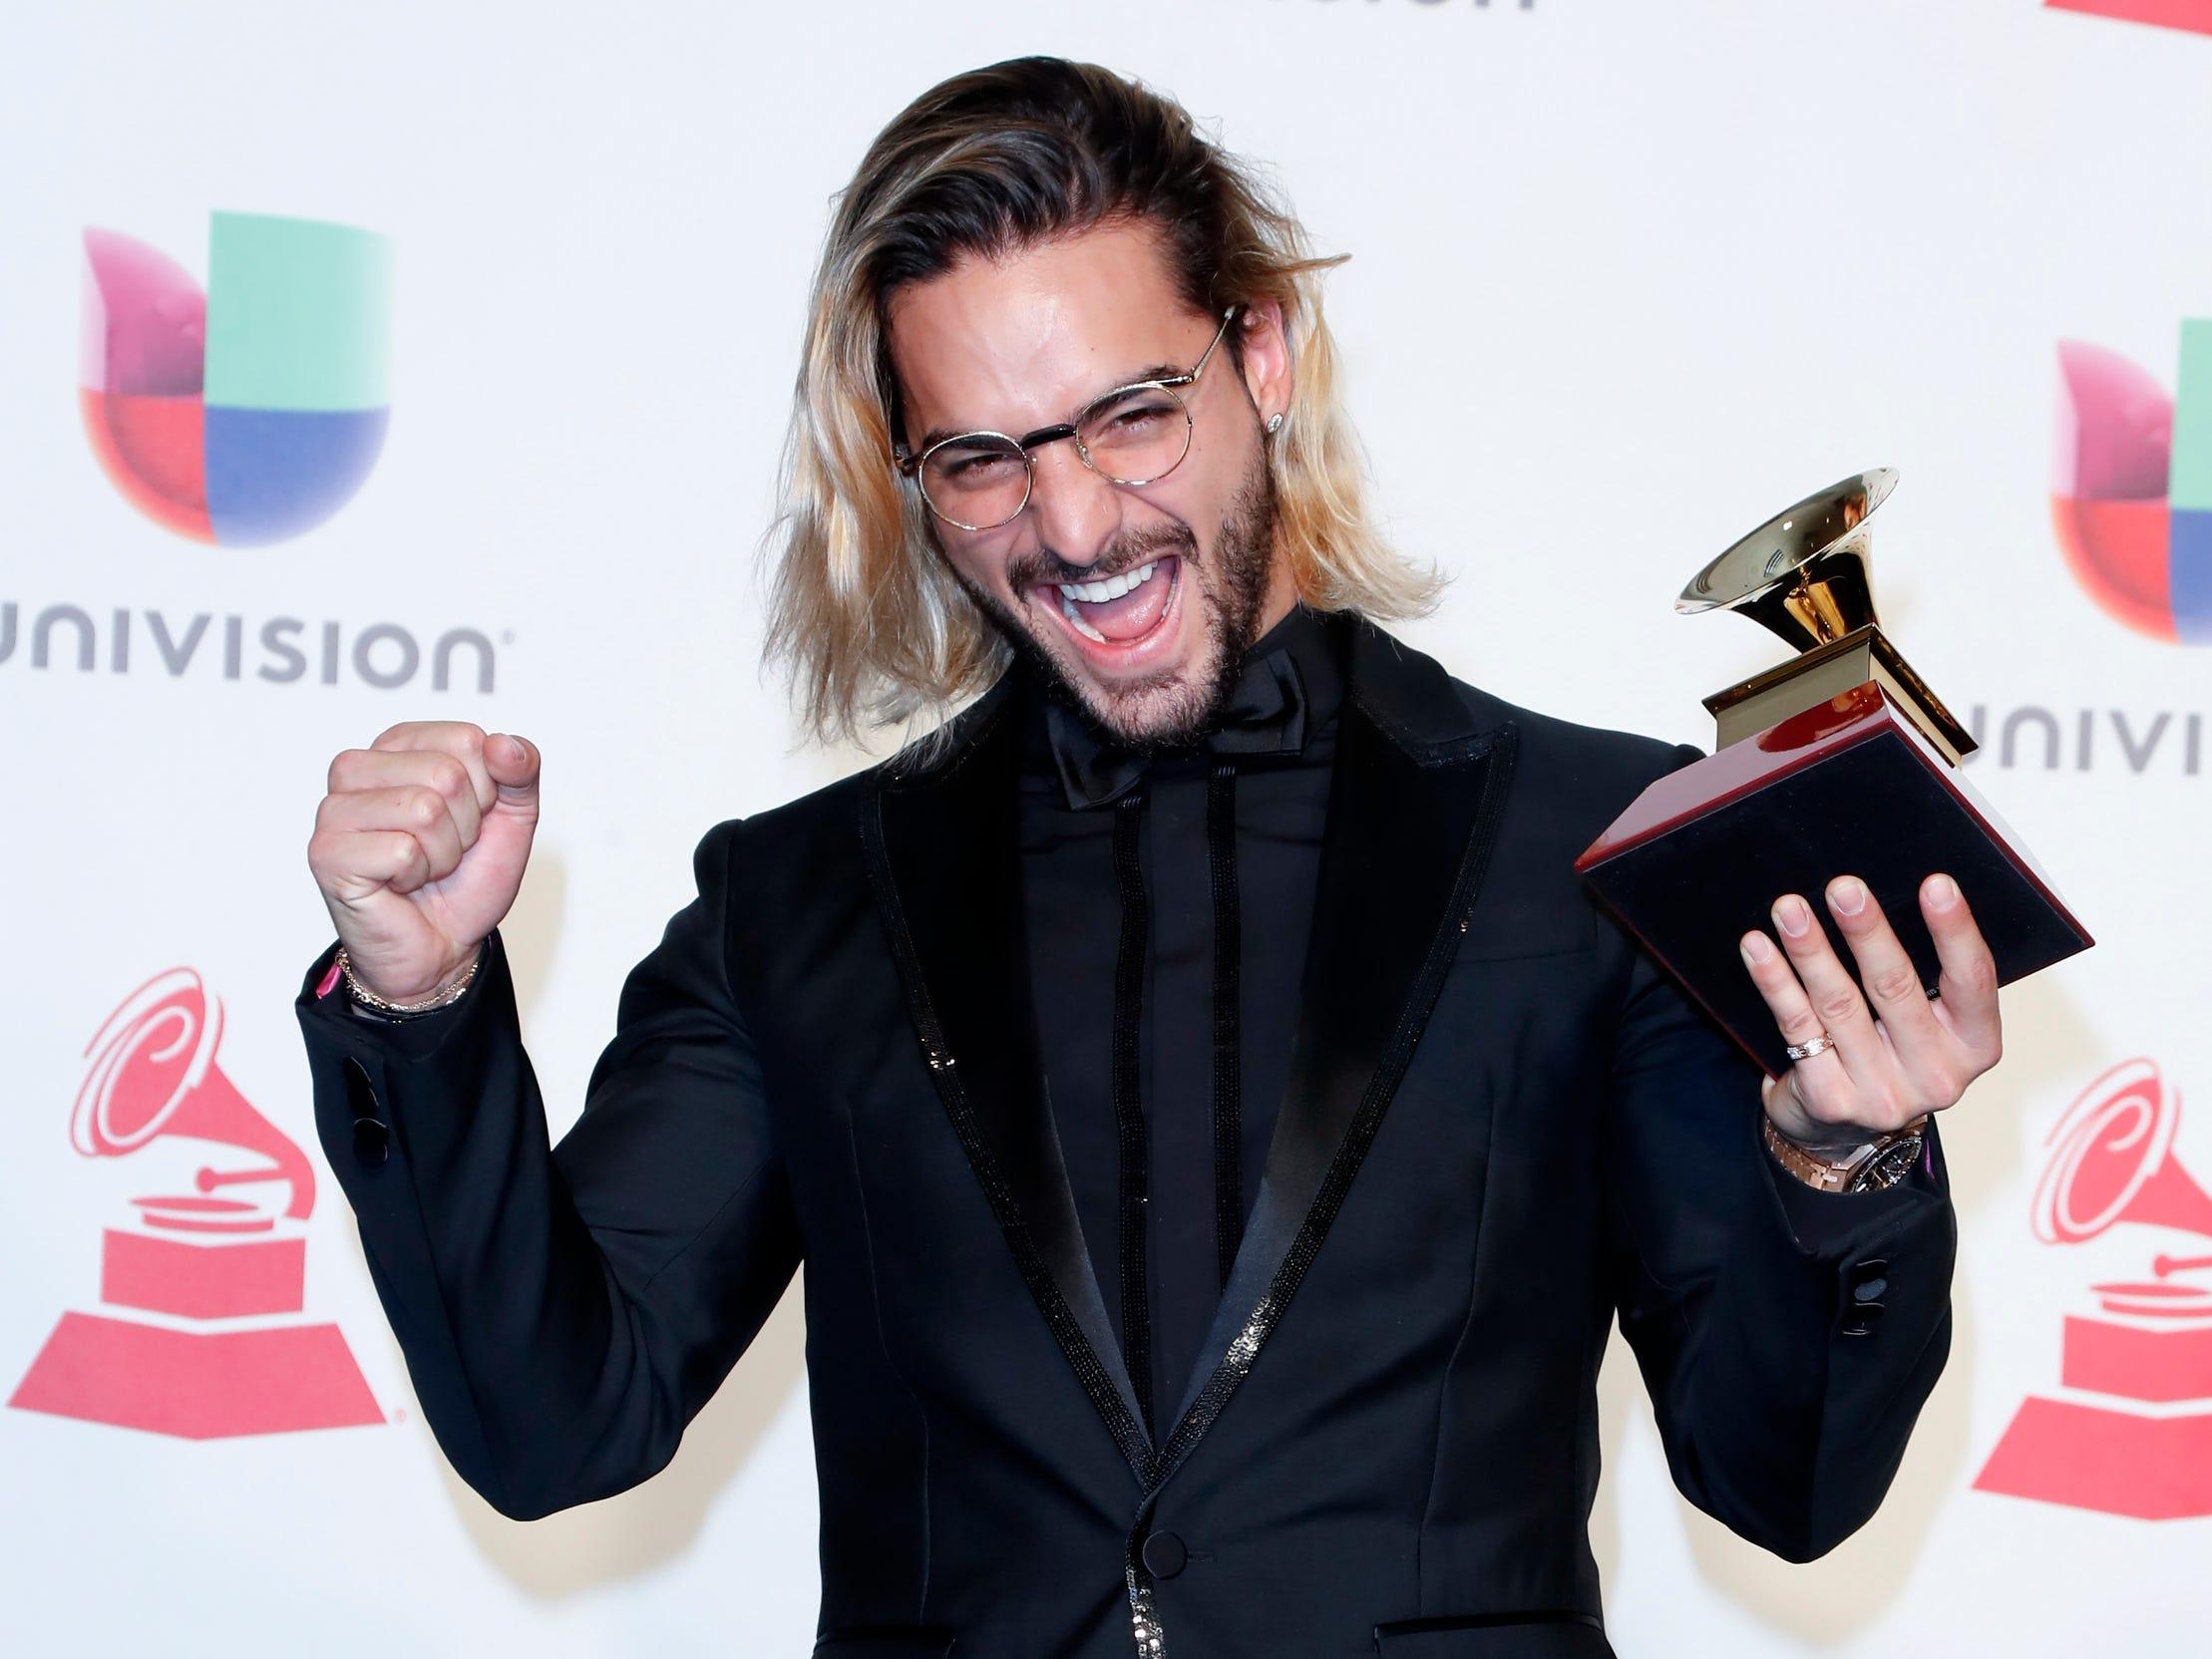 Maluma with the award for Best Contemporary Pop Vocal Album.